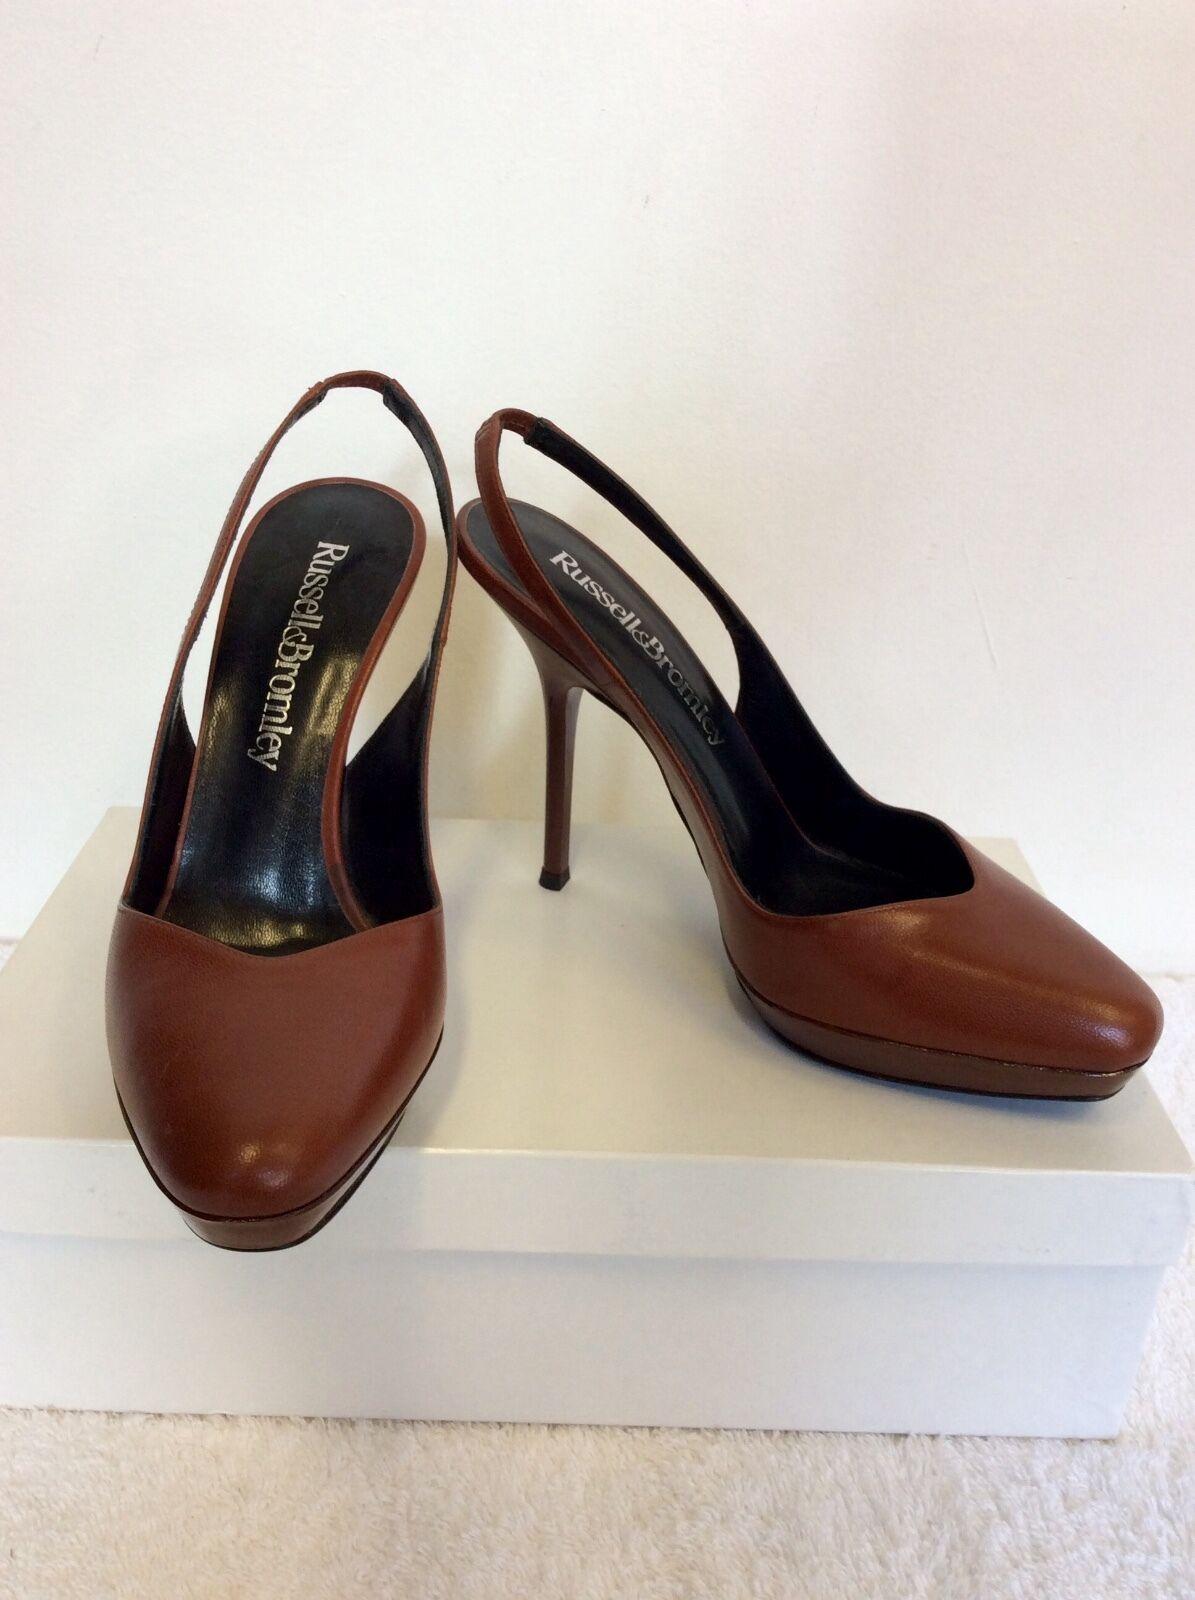 Nuovo di Zecca Russell pelle & Bromley chestnut marrone pelle Russell aperti sul retro tacchi taglia 3.5/36 146b87